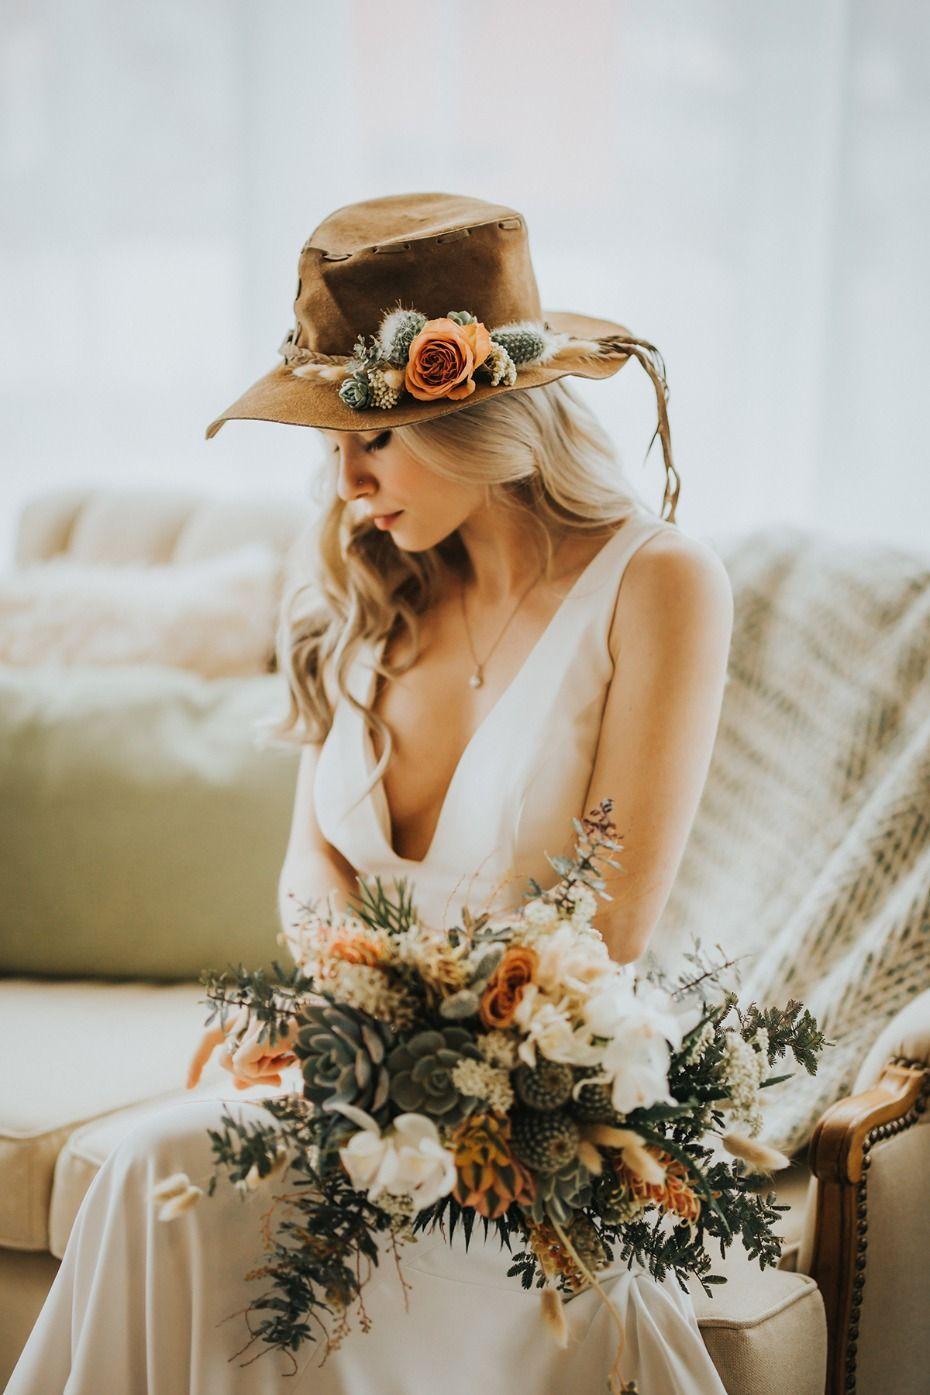 How To Have A Stylish Desert Inspired Boho Wedding Anywhere Boho